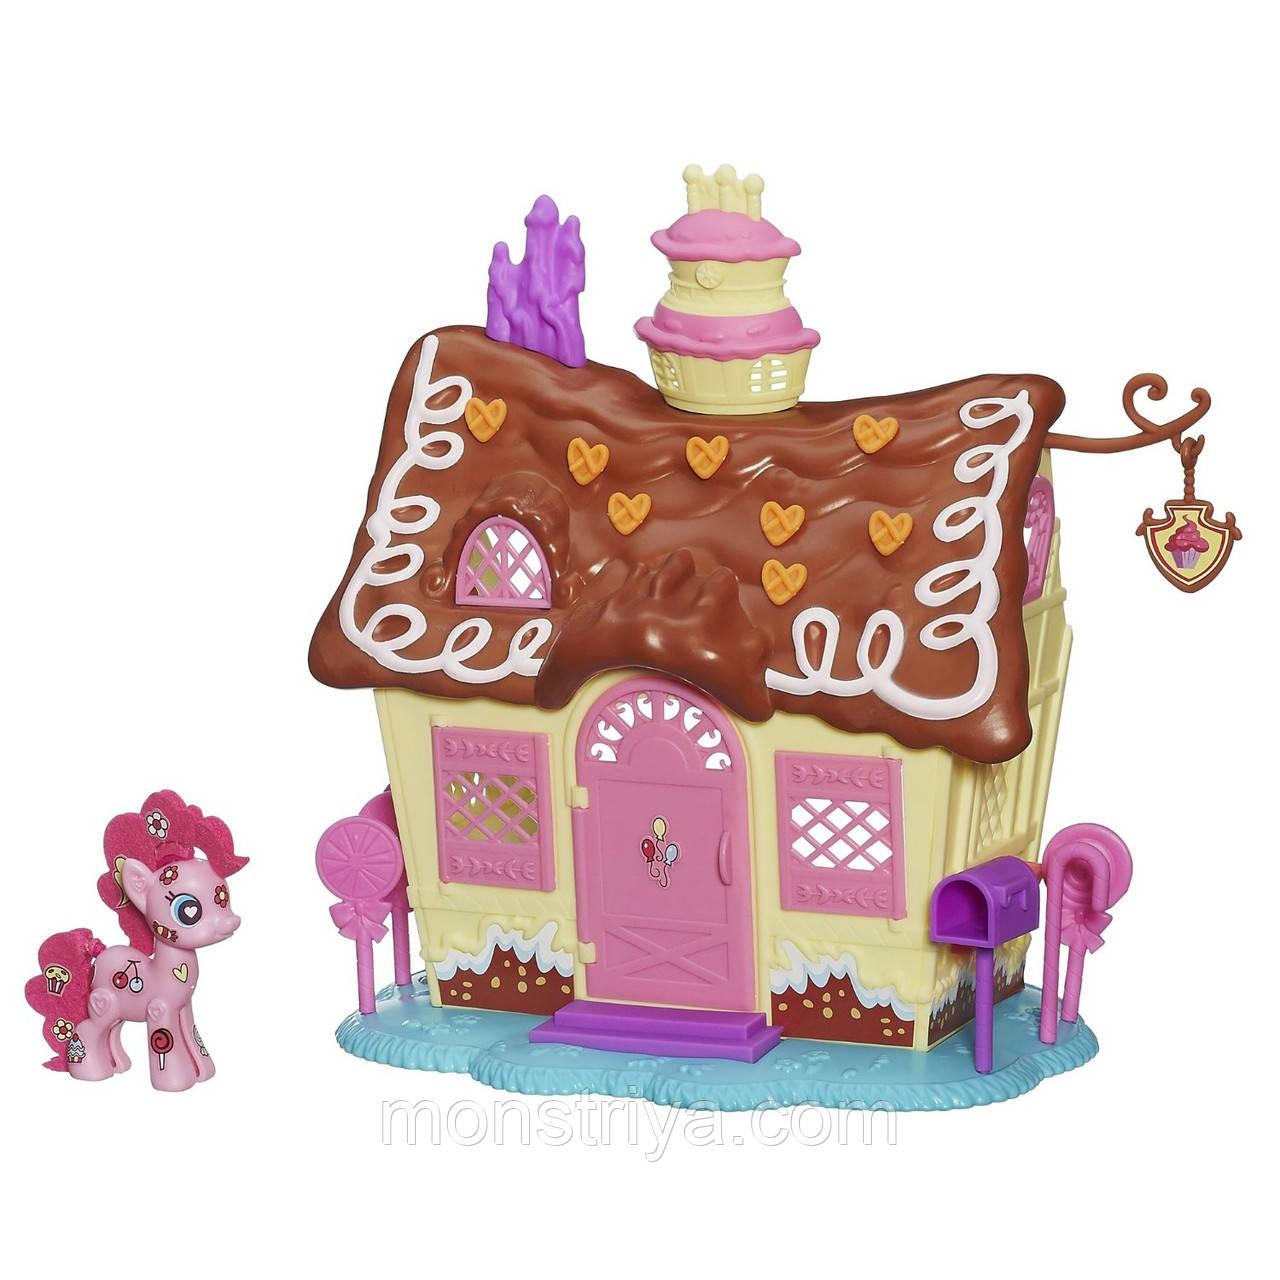 """Ігровий набір """"Пряниковий будиночок"""" Пінкі пай, Травень Літл Поні, My Lіttle Pony"""